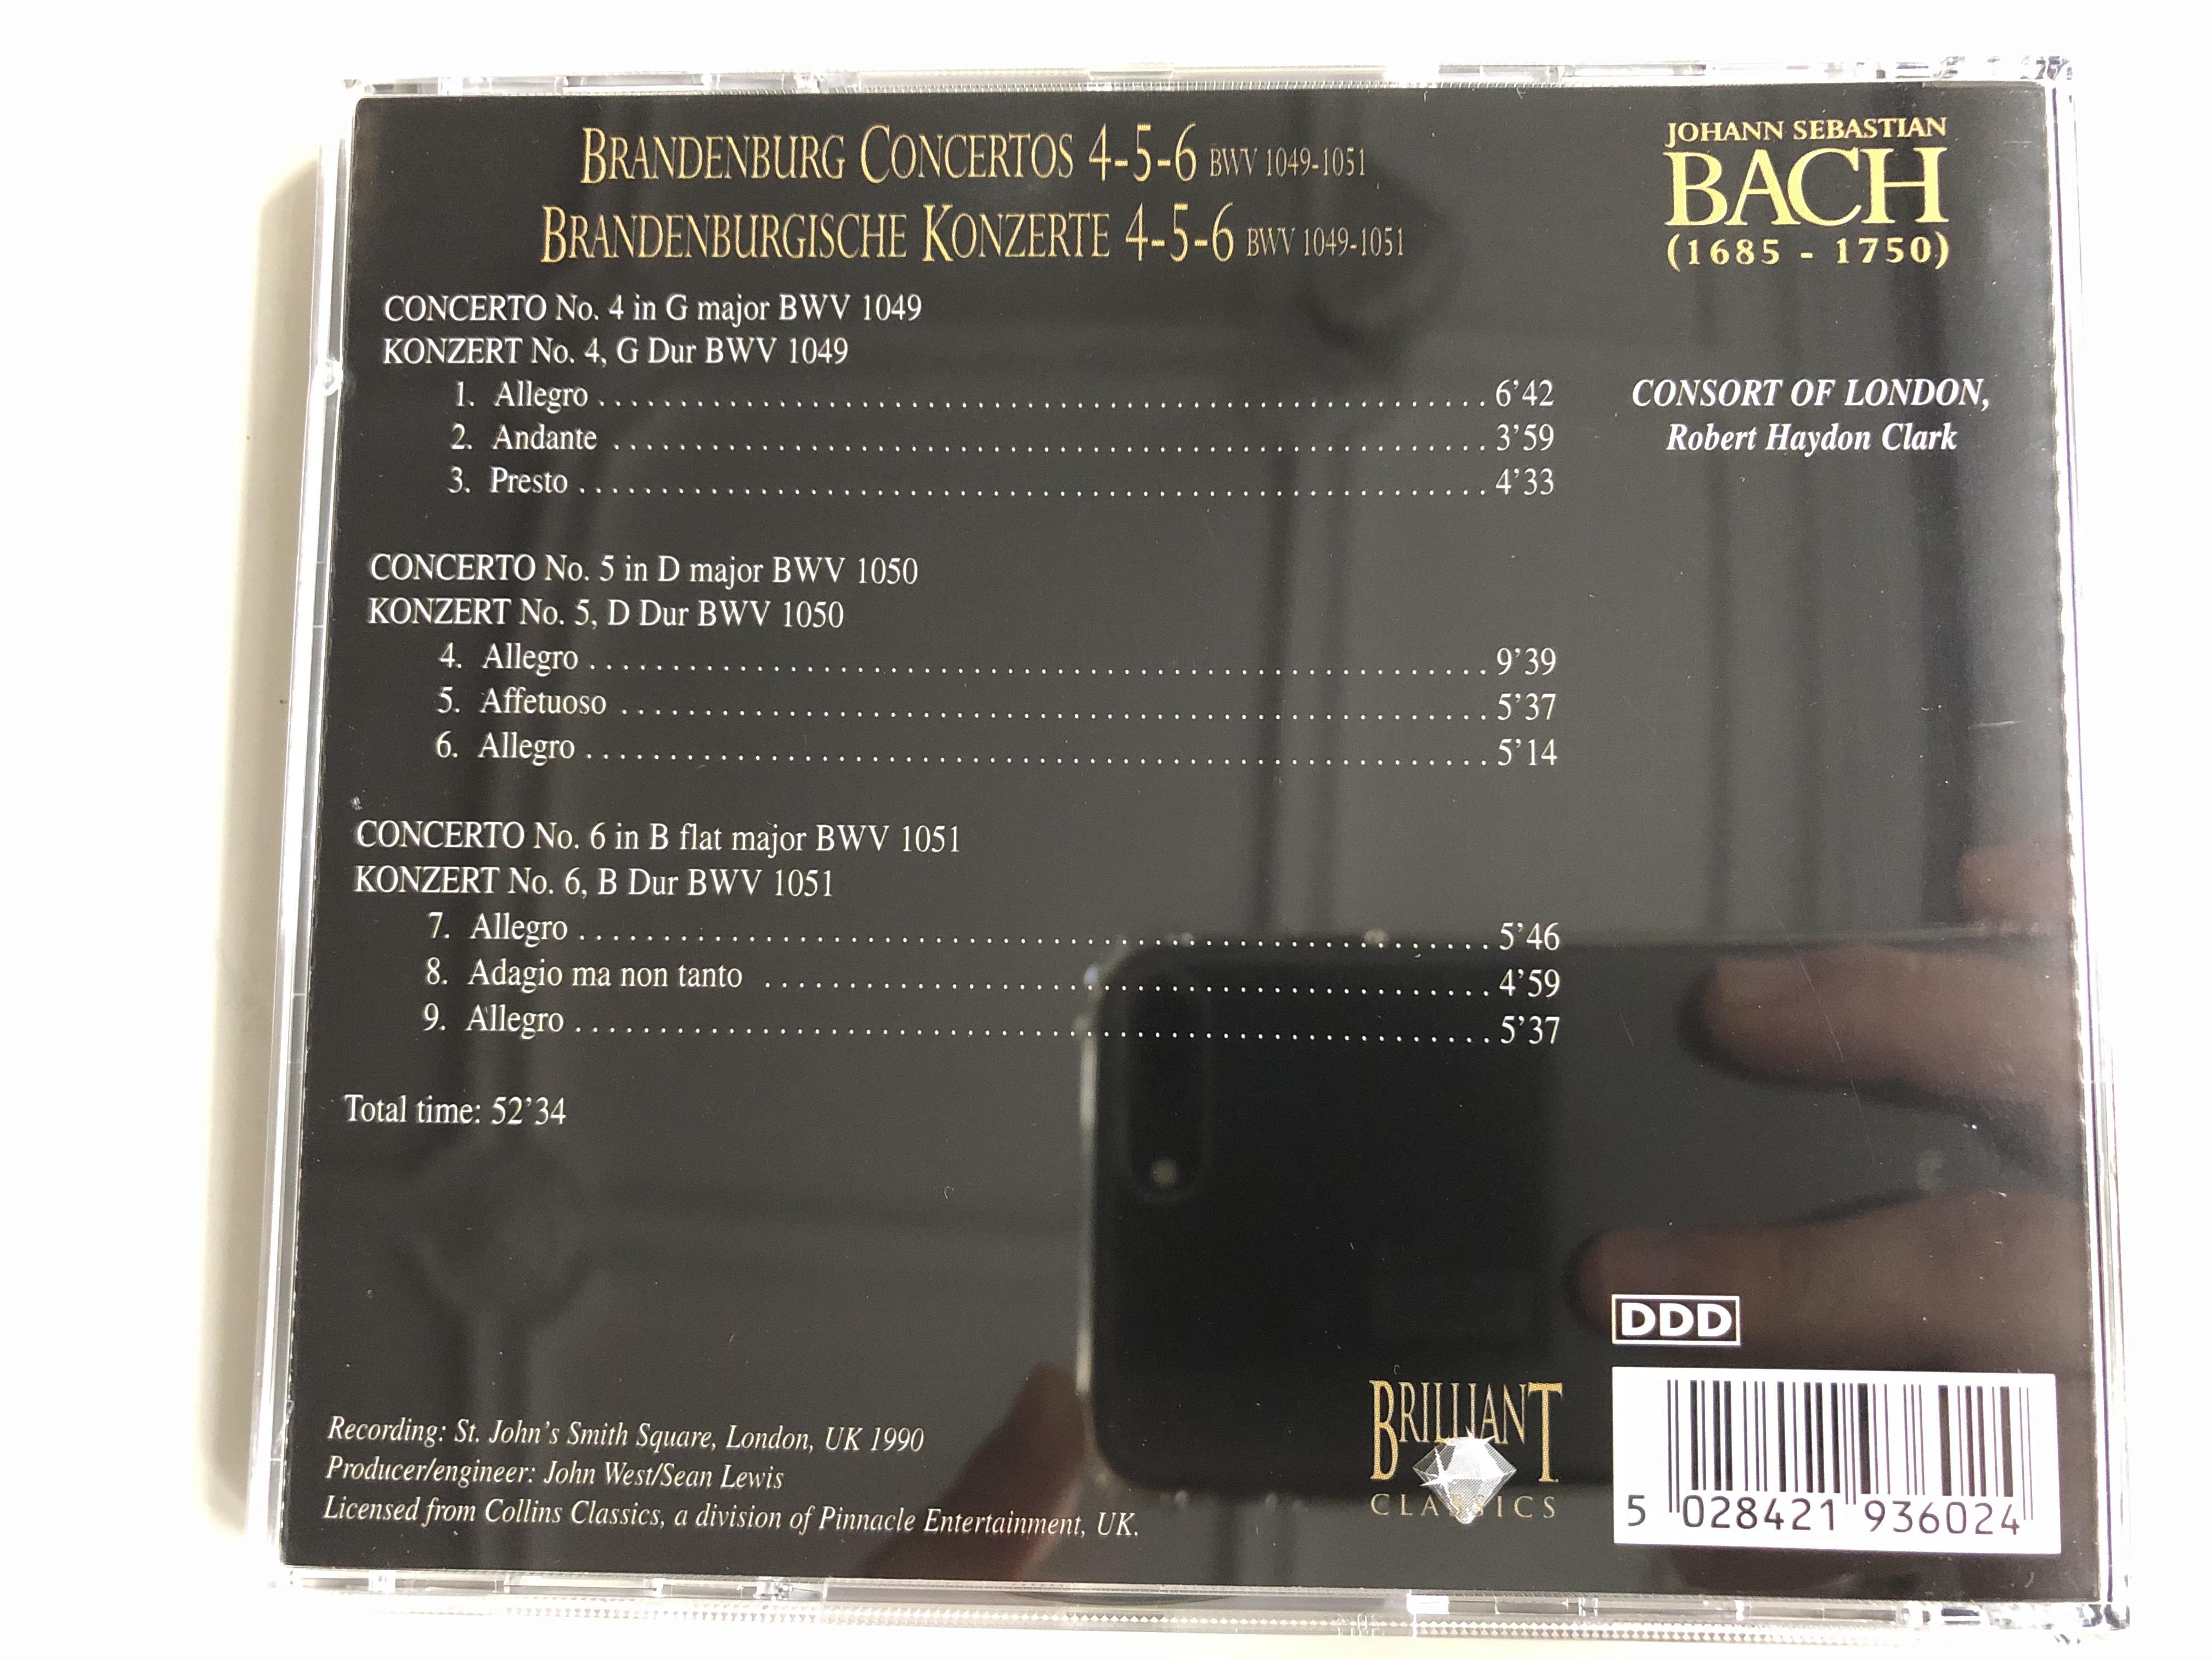 bach-edition-brandenburg-concertos-4-5-6-brandenburgische-konzerte-4-5-6-brilliant-classics-audio-cd-993602-4-.jpg